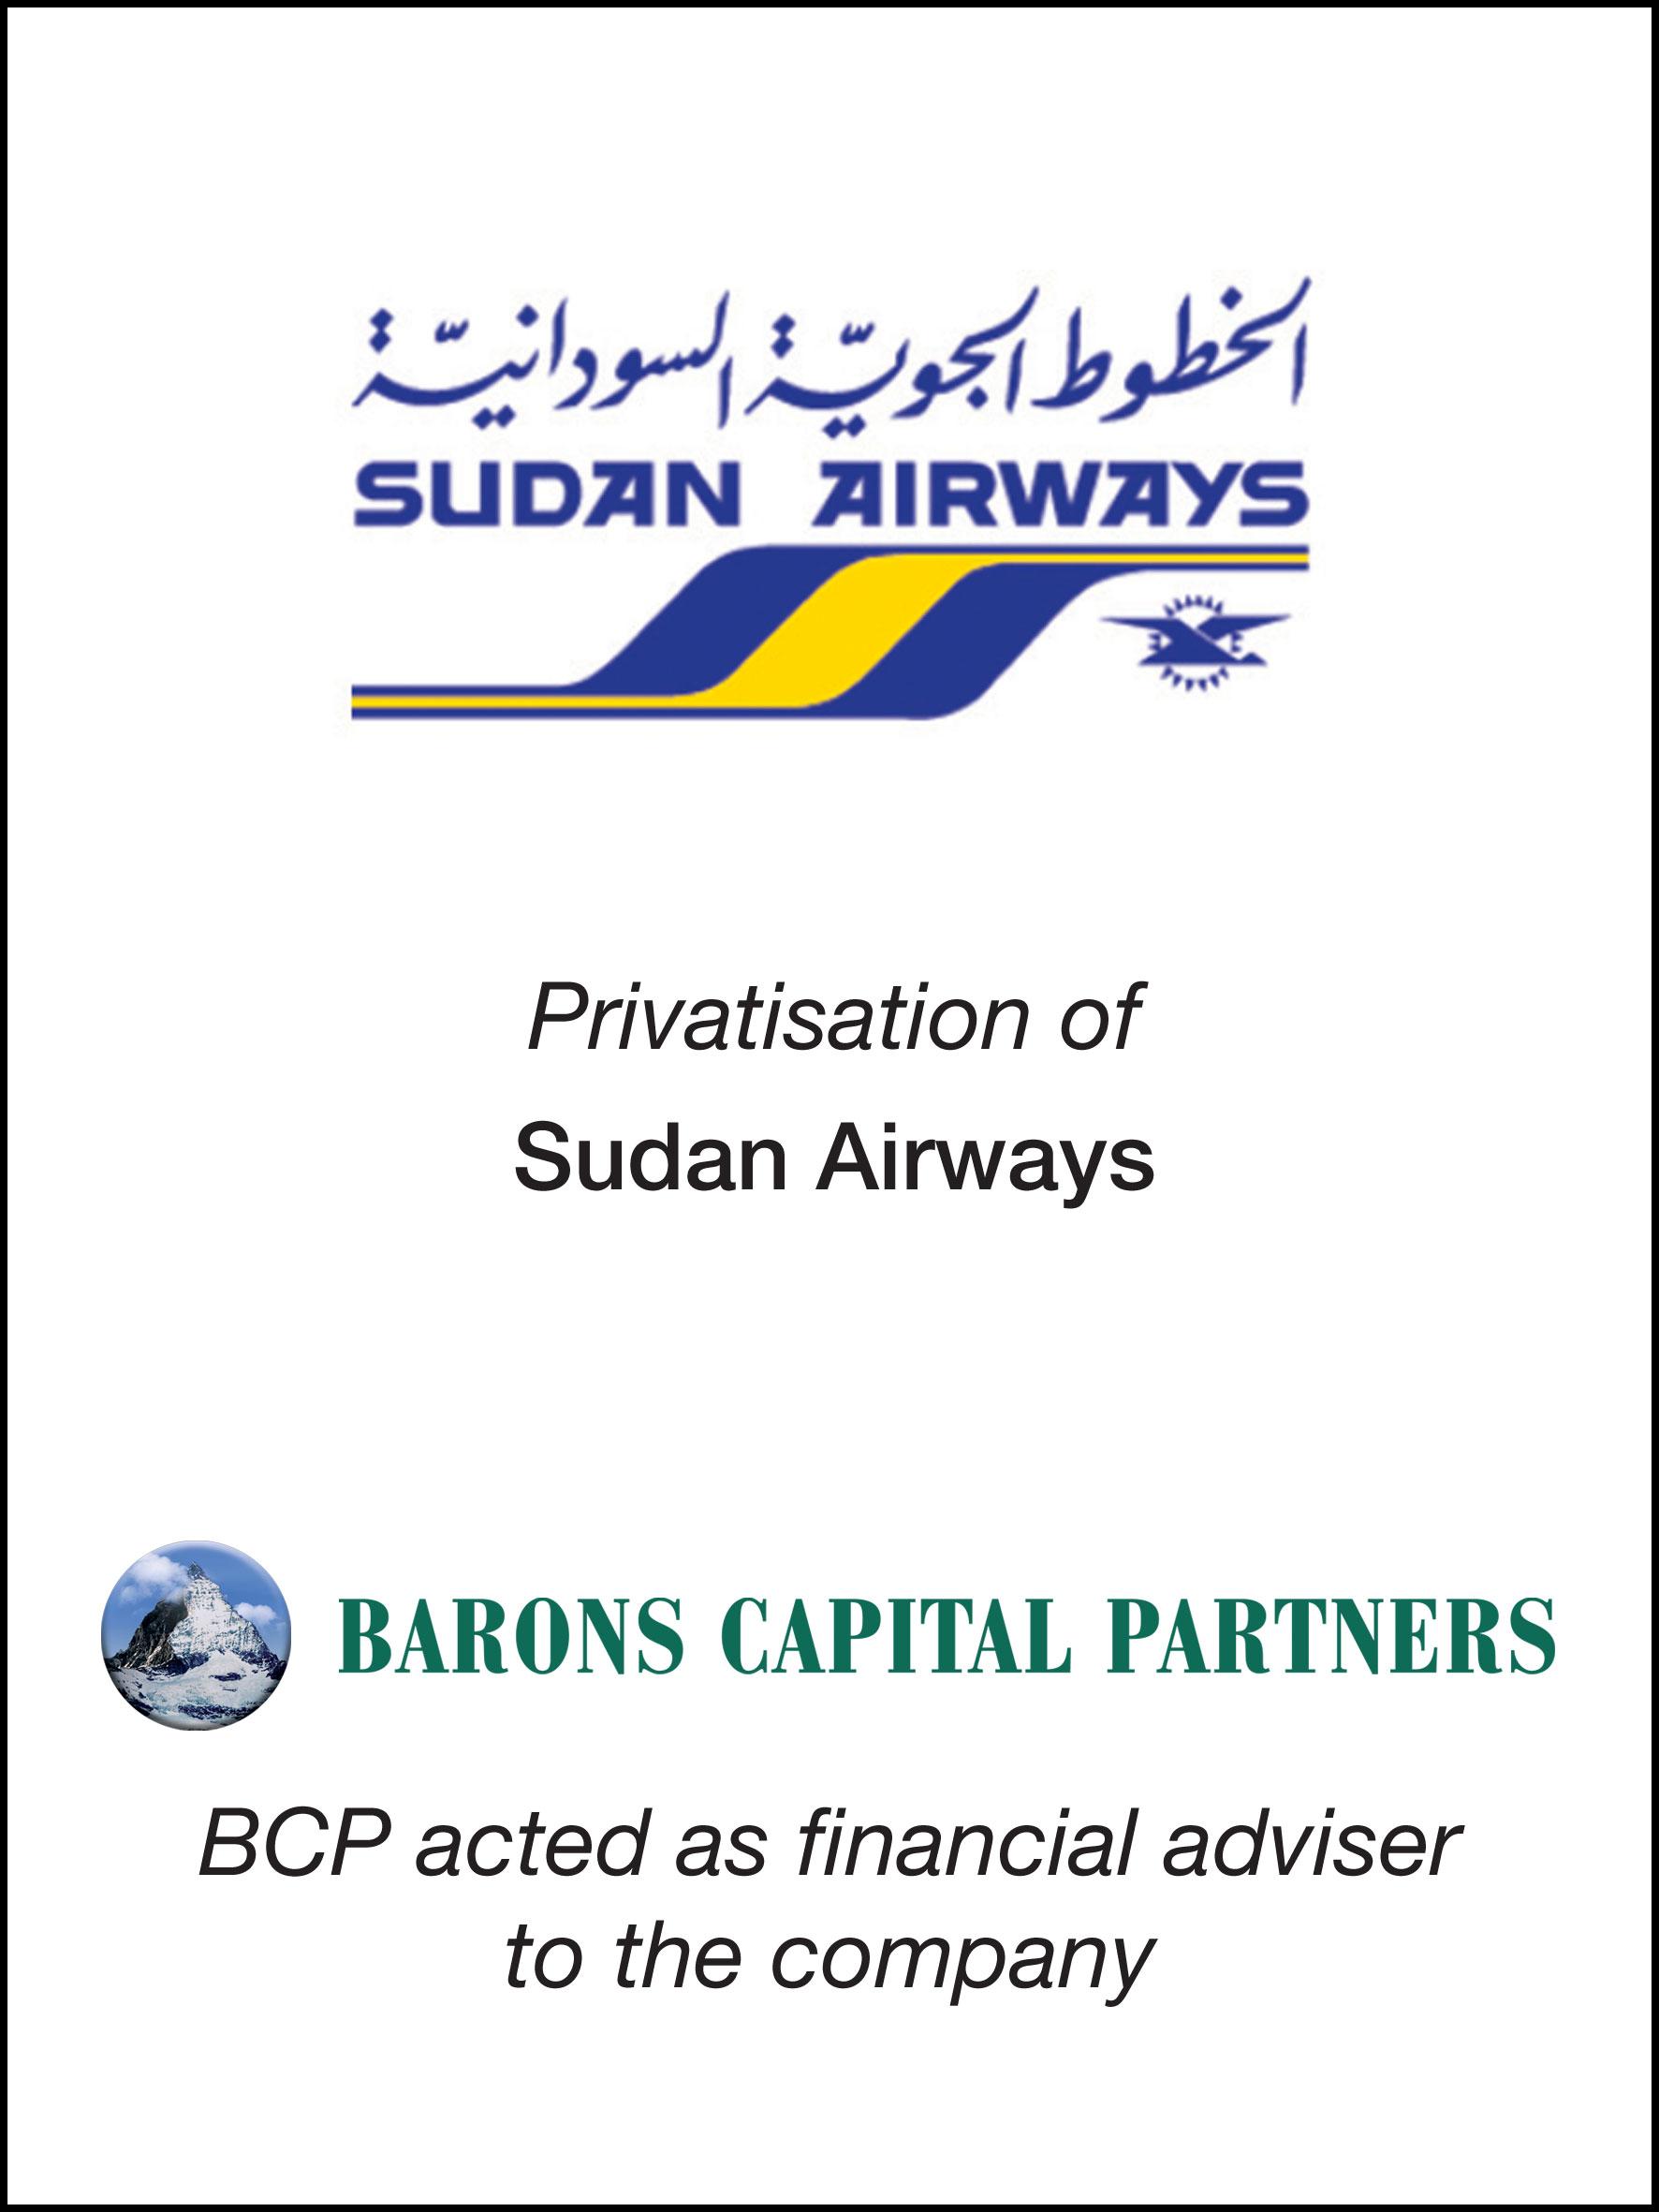 55_Sudan Airways